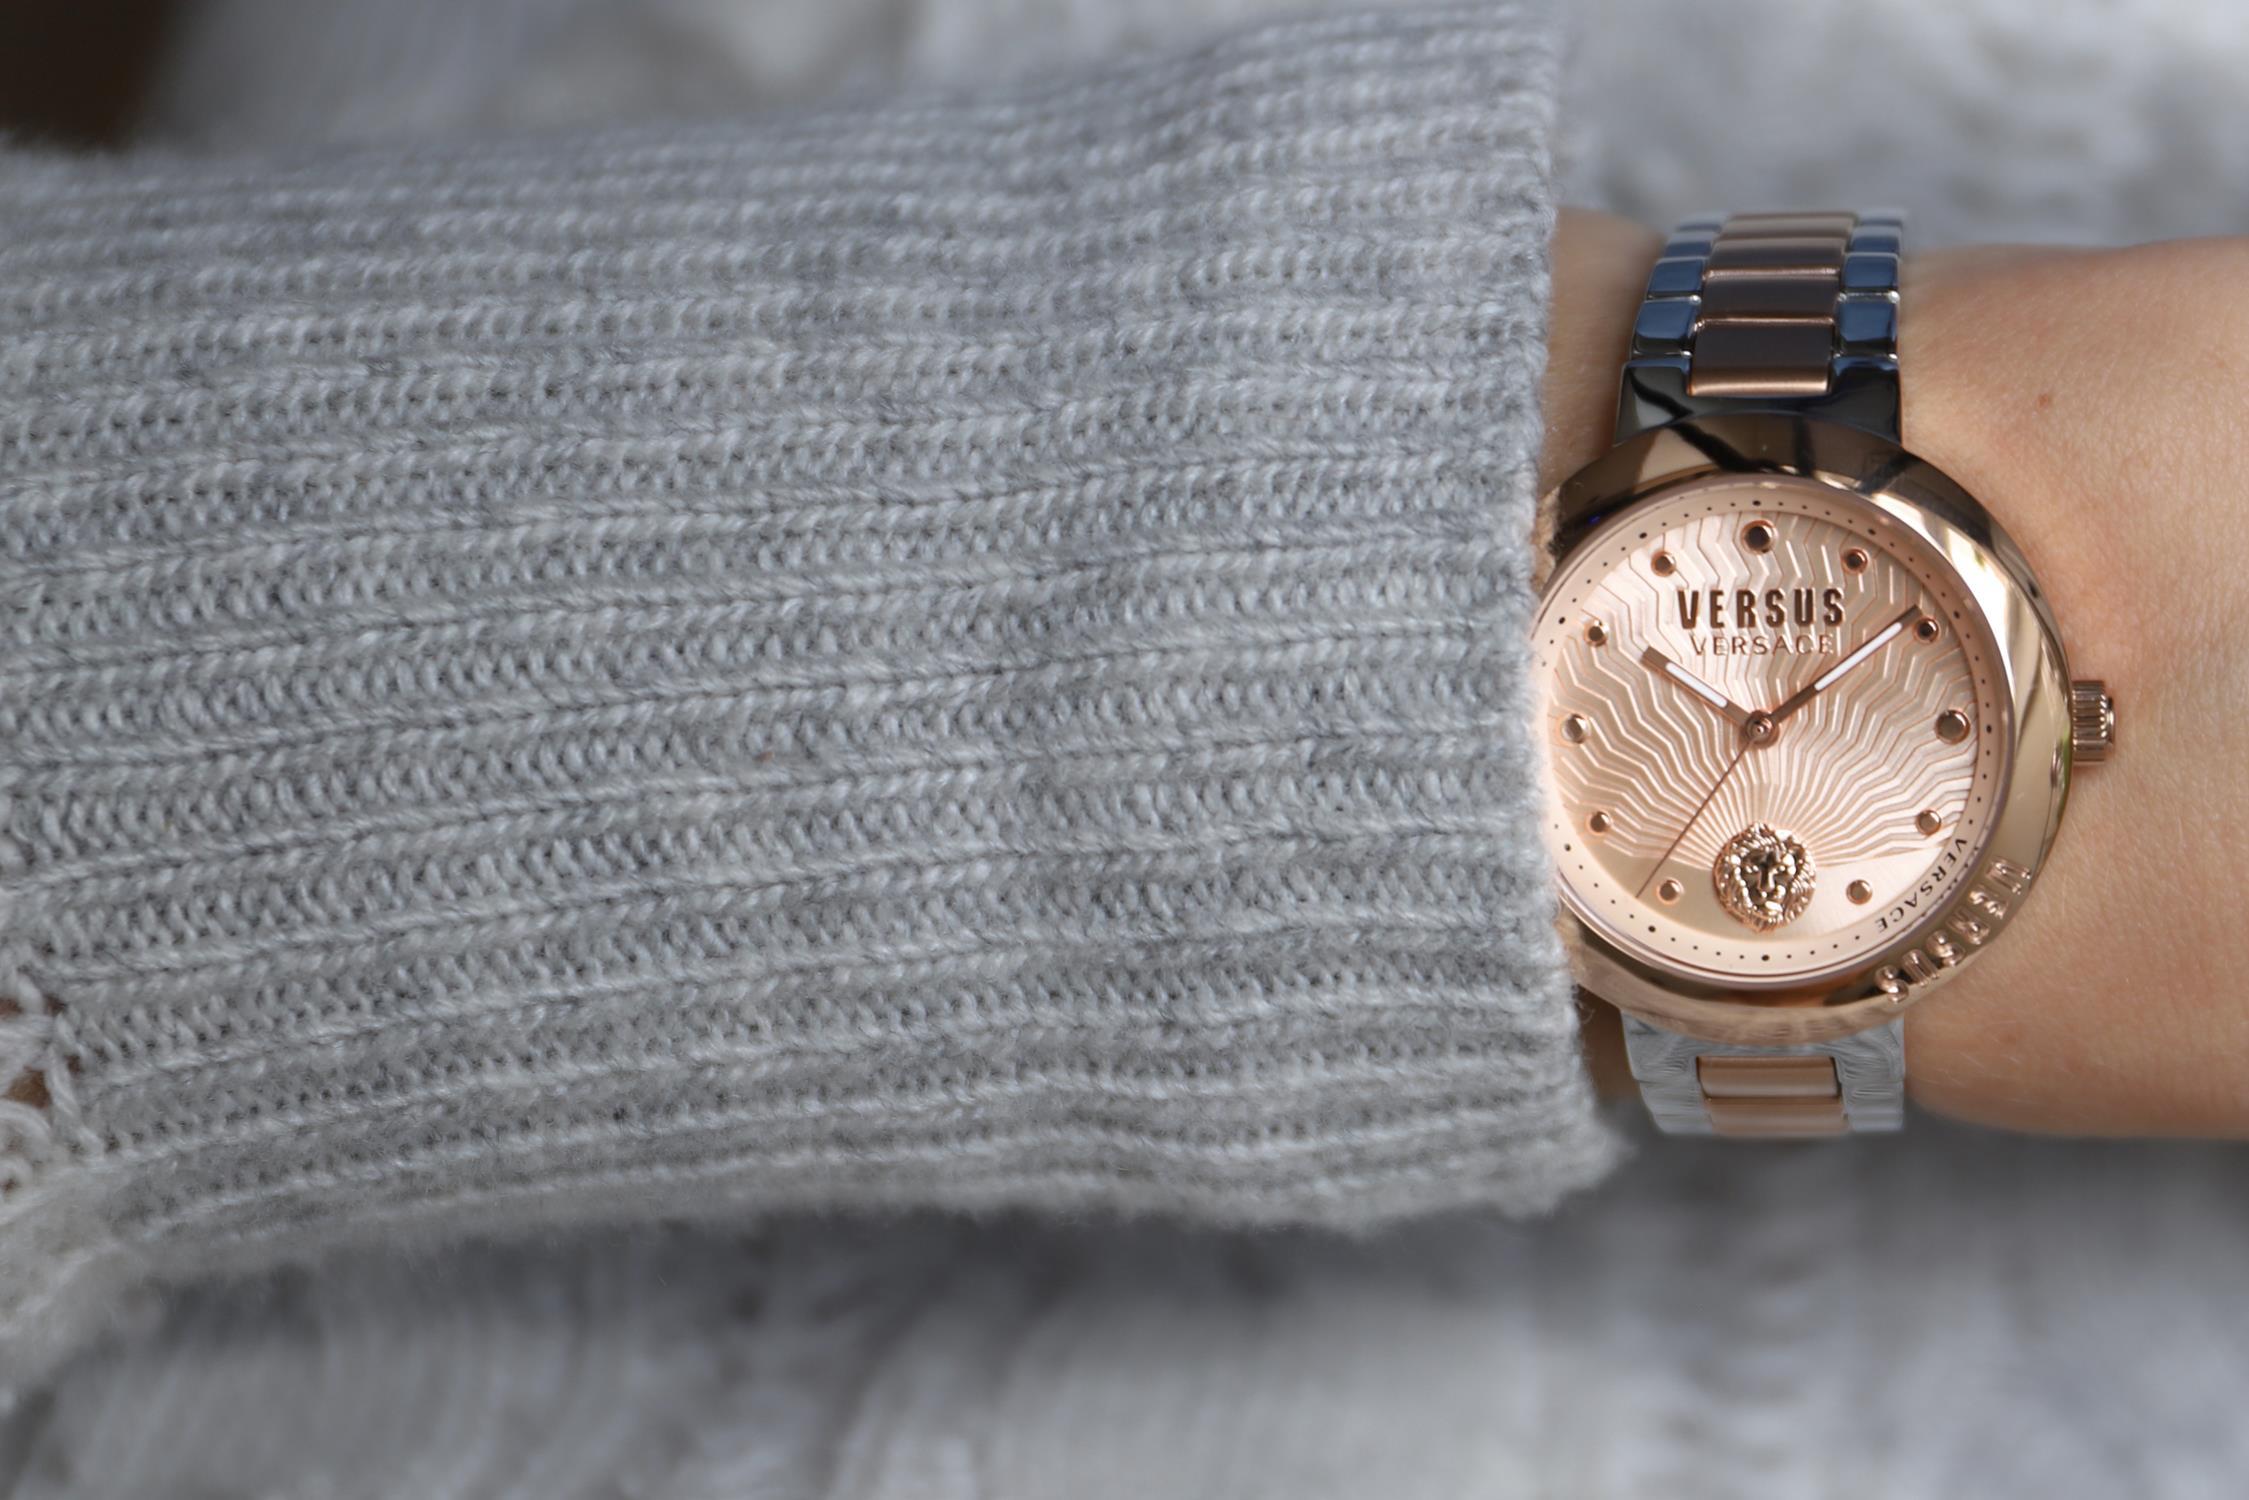 Versus Versace VSP370617 zegarek różowe złoto fashion/modowy Damskie bransoleta